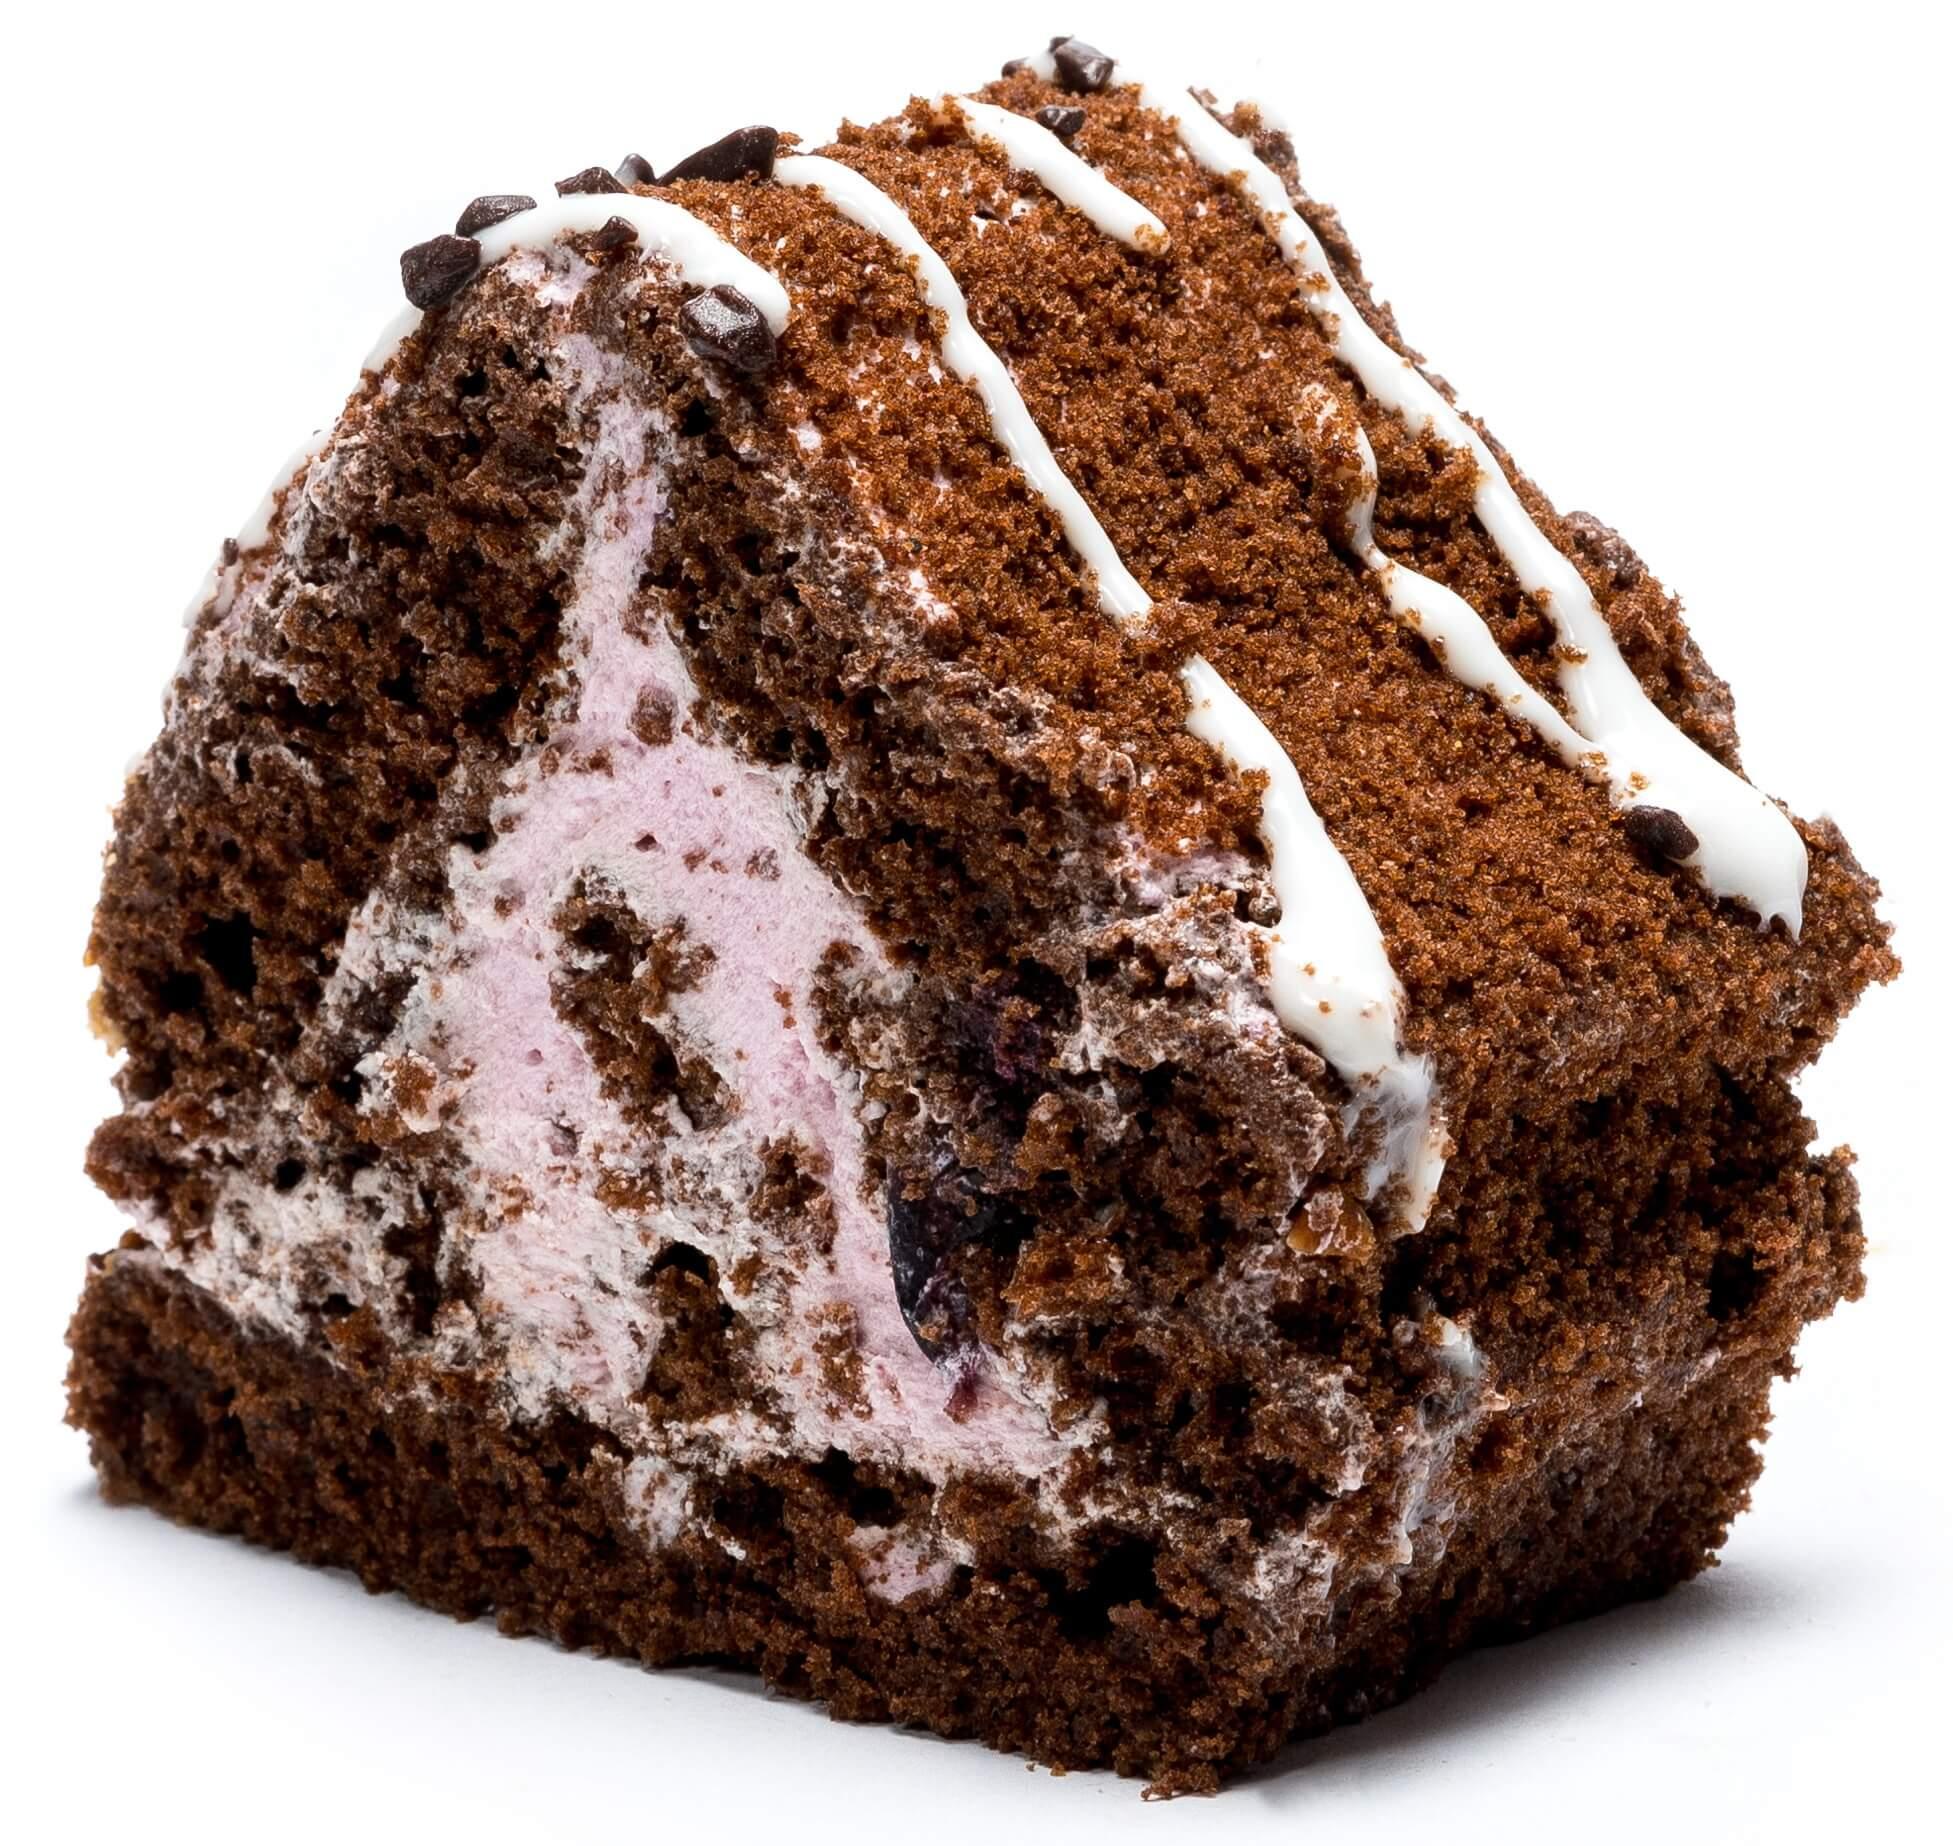 Пирожное бисквитное «Монблан» фото 1